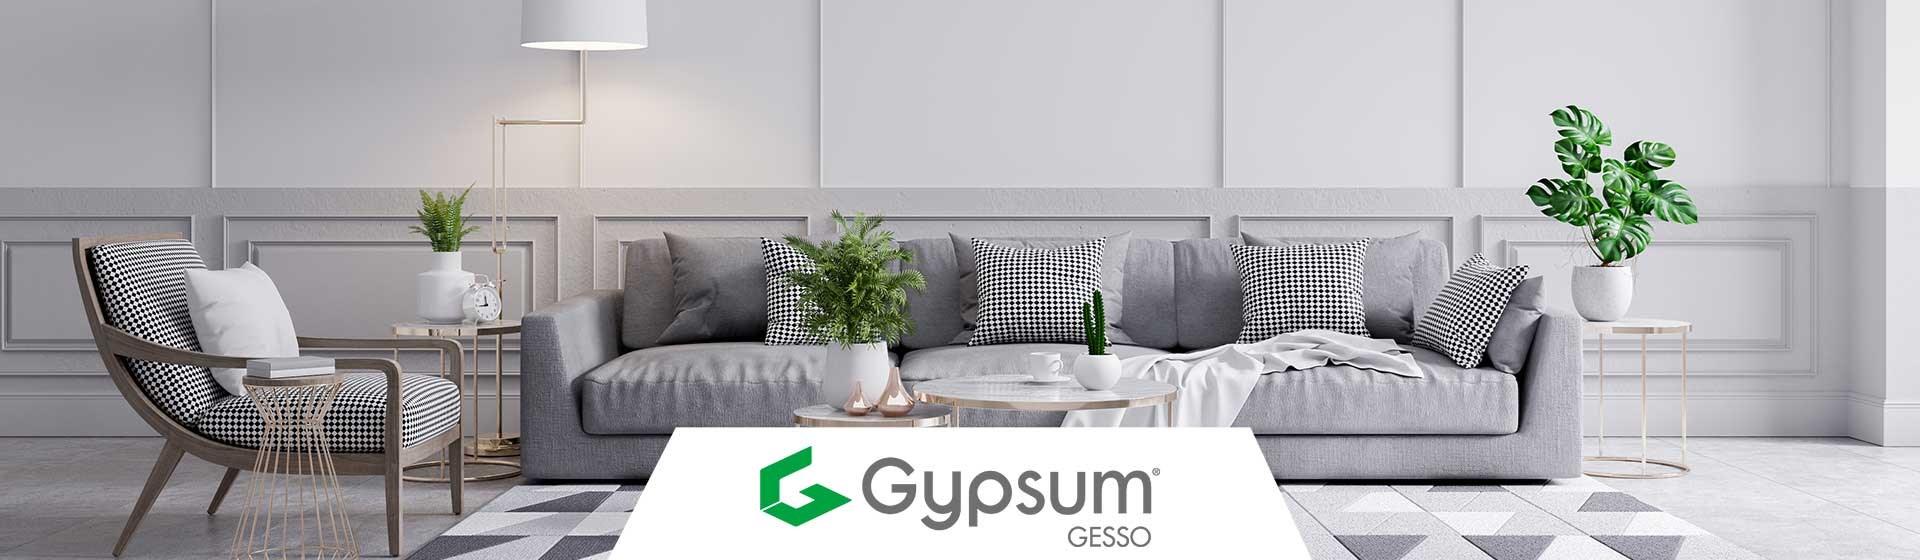 Banner Pagina Gypsum Gesso